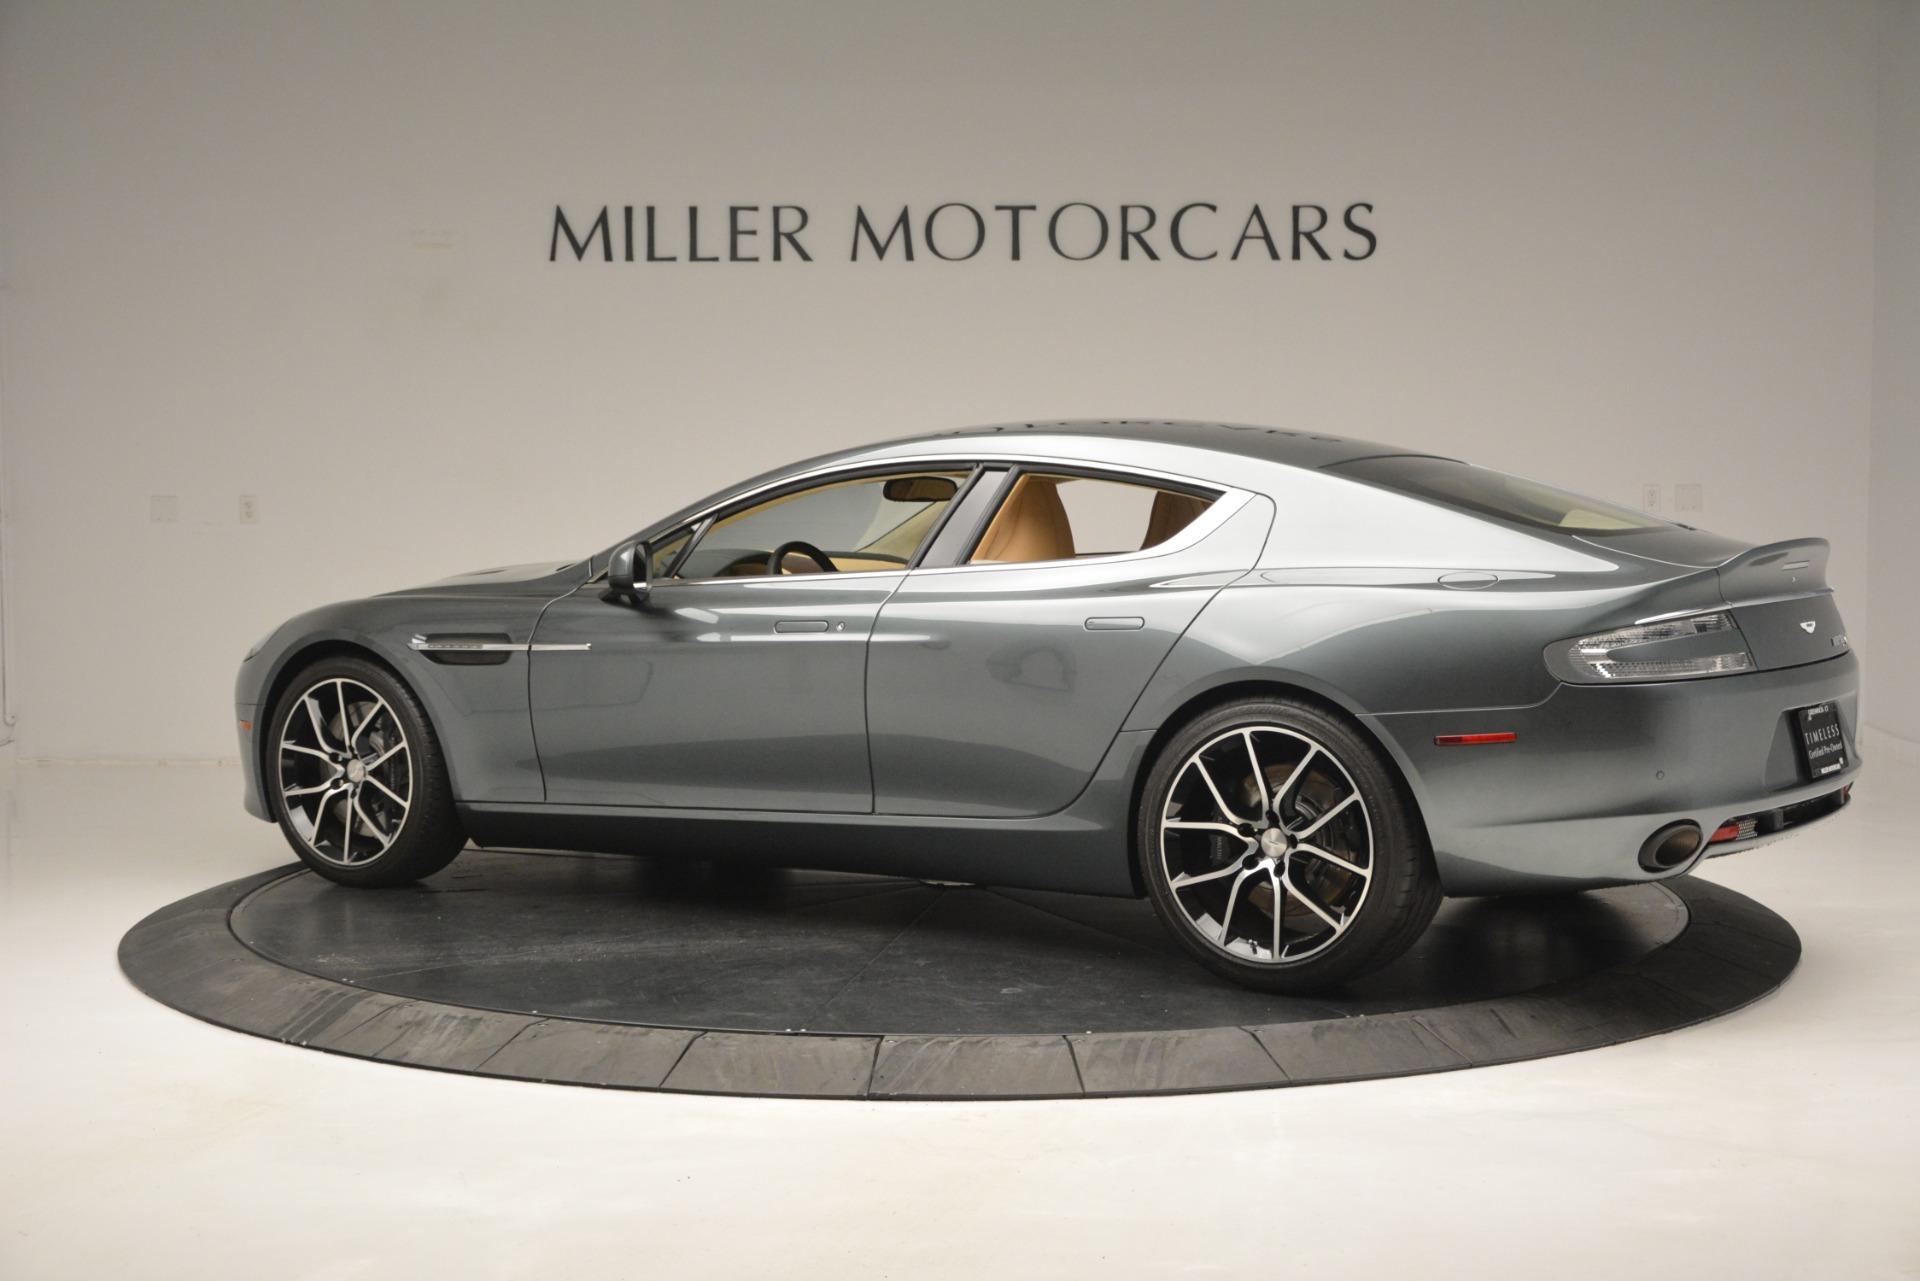 Used 2017 Aston Martin Rapide S Sedan For Sale In Greenwich, CT. Alfa Romeo of Greenwich, 7462 2889_p4